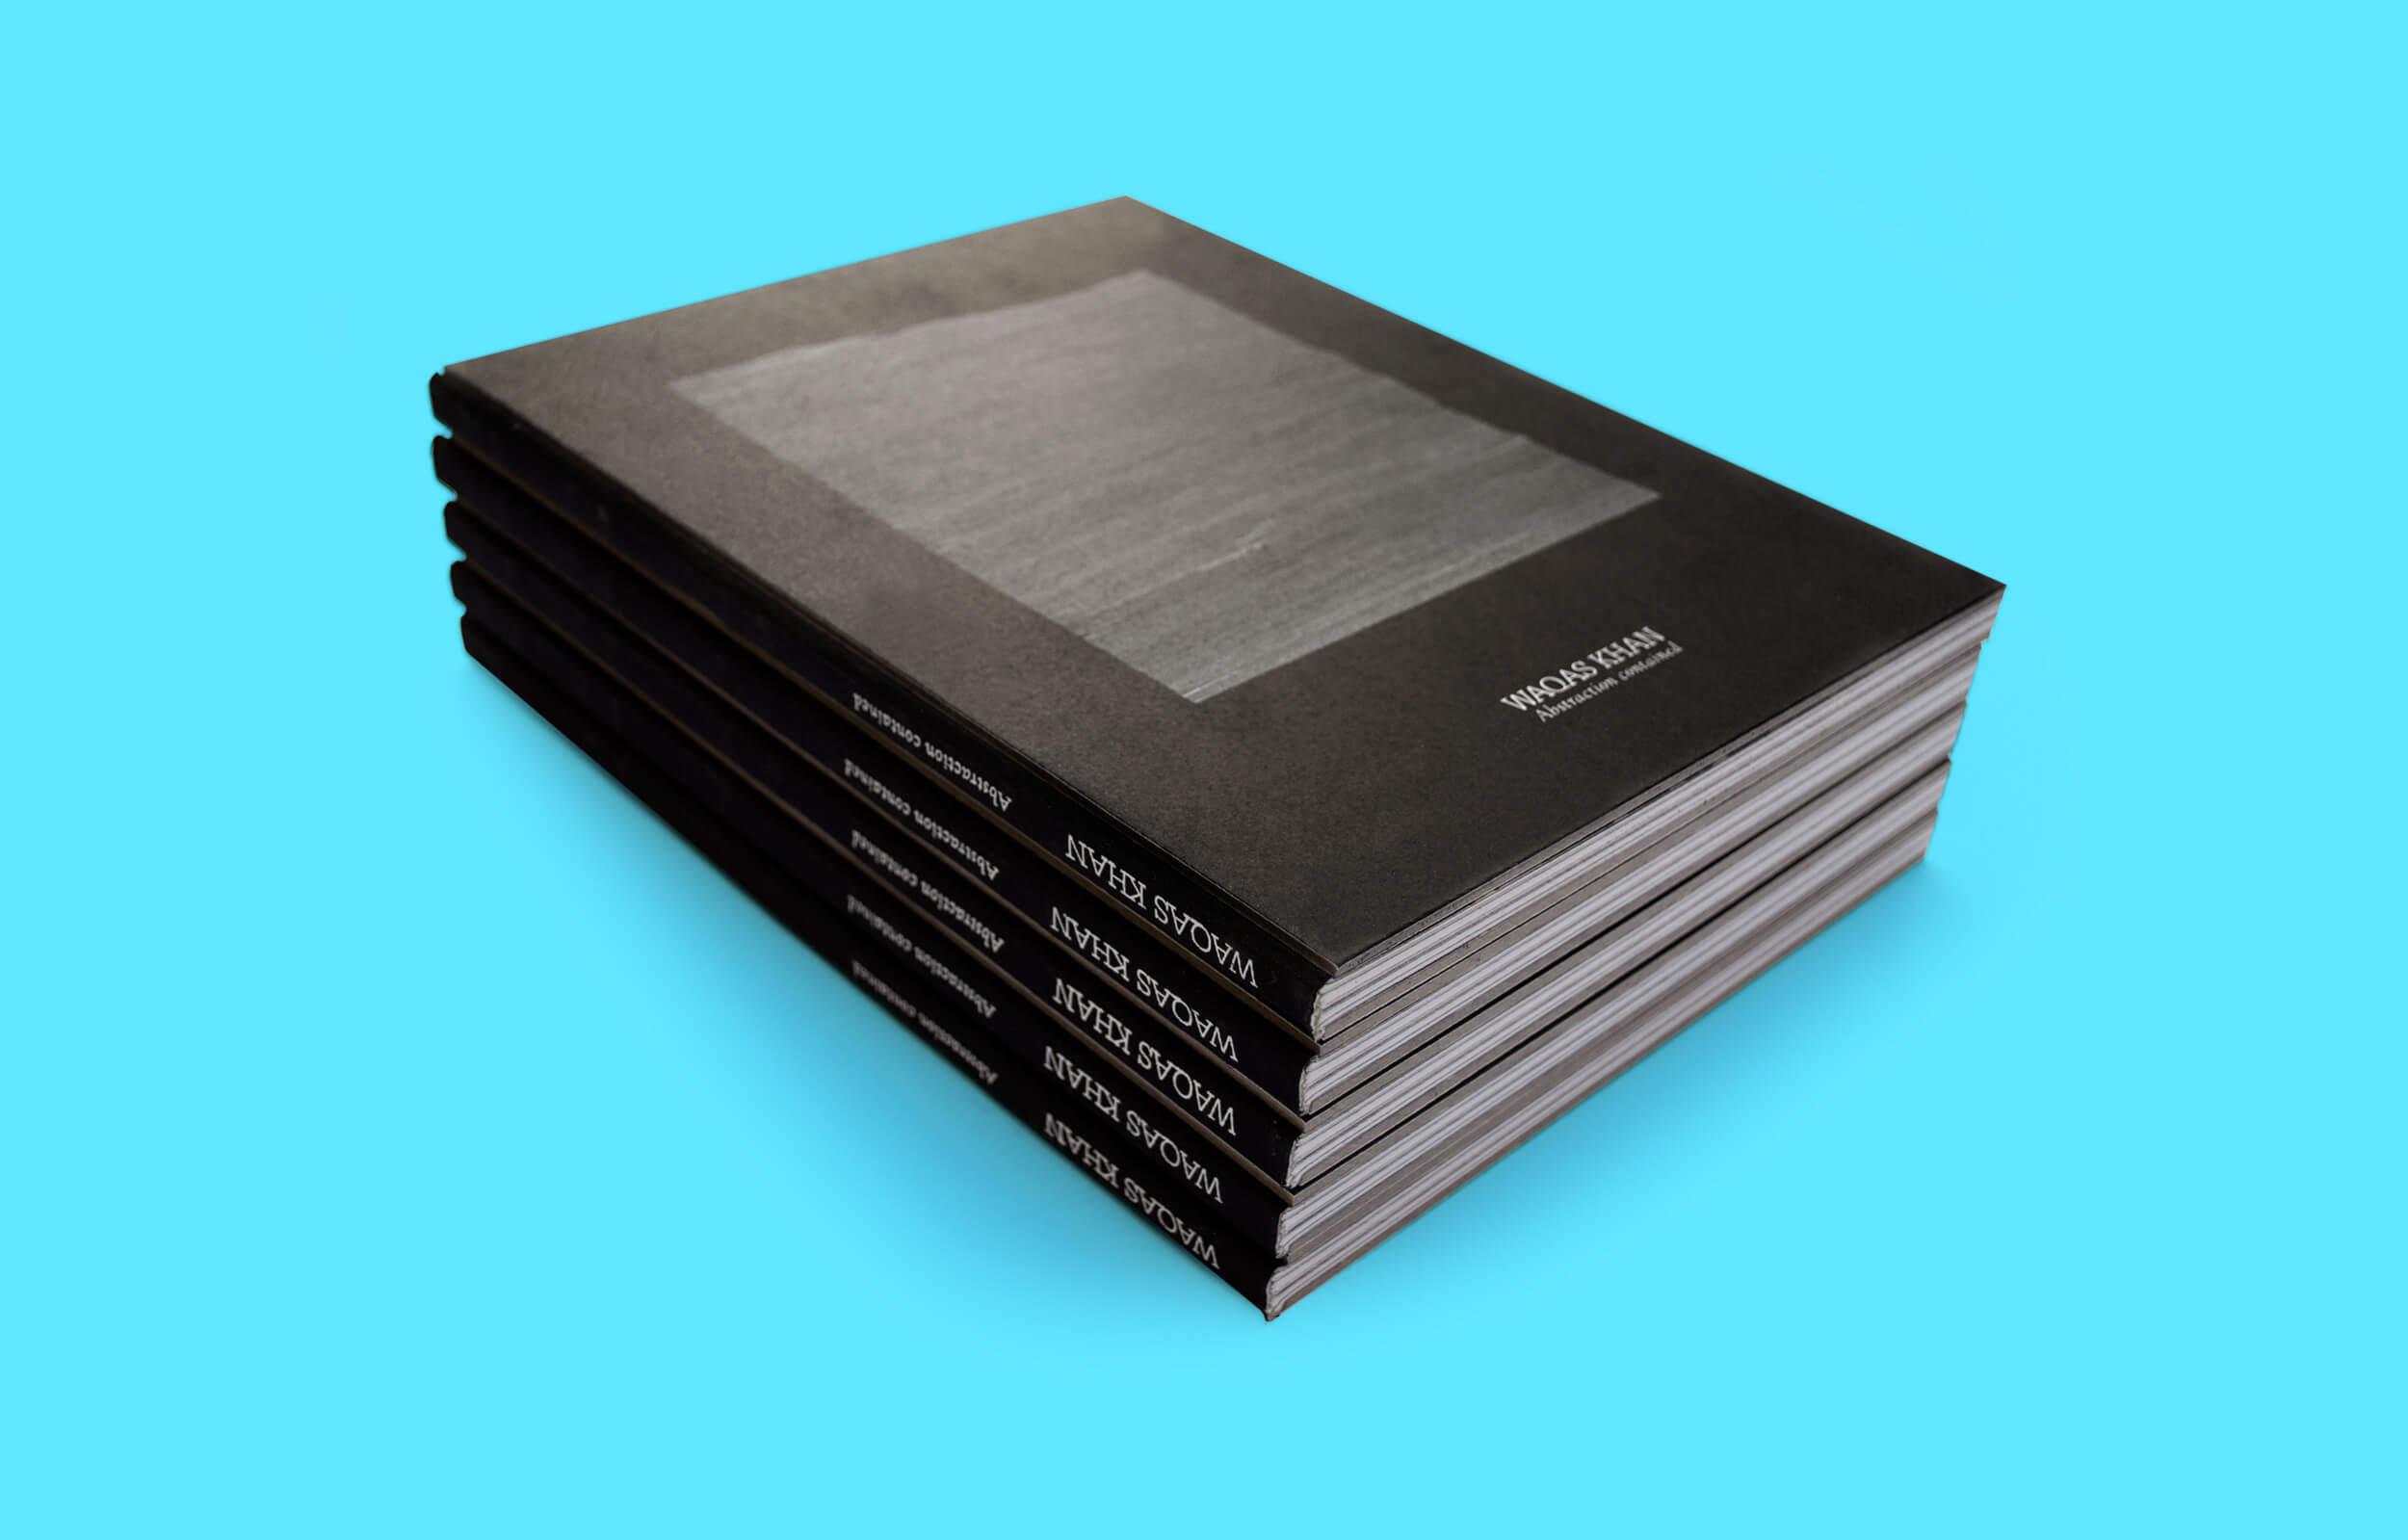 """Cubierta del libro """"Abstraction Contained"""" del artista Pakistaní Waqas Khan para la galería Sabrina Amrani"""